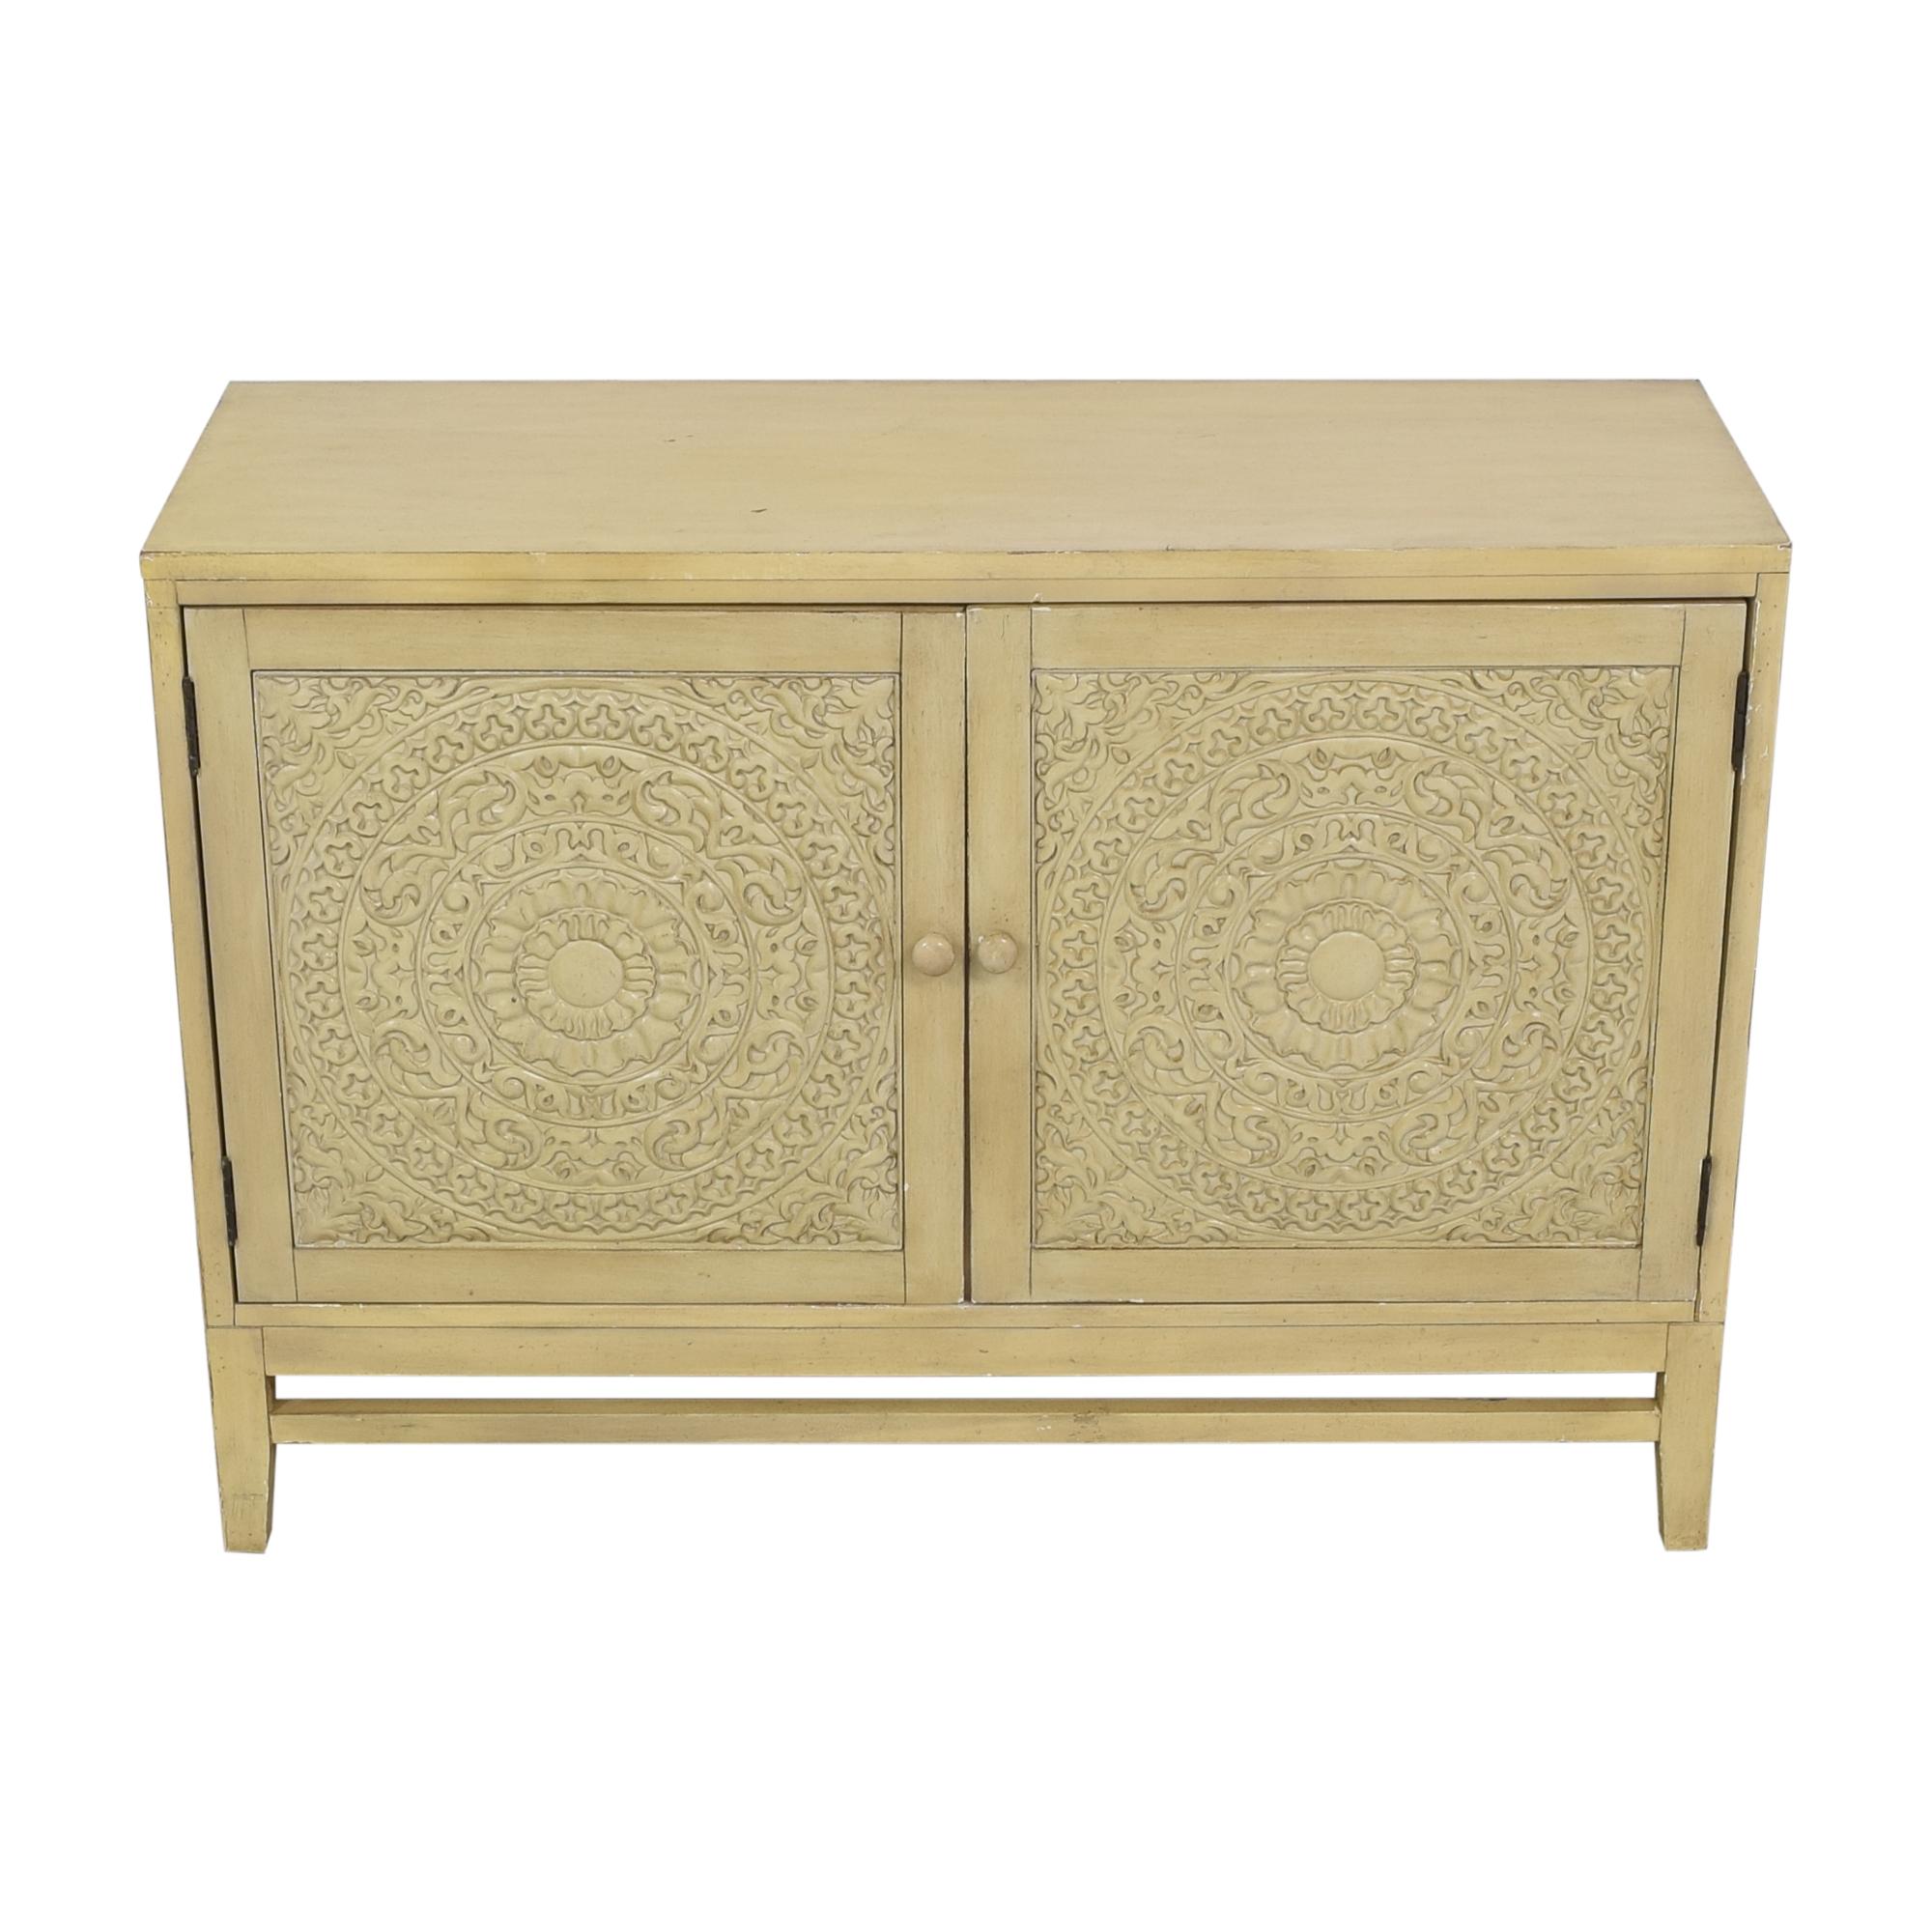 Hooker Furniture Hooker Furniture Matisette Cabinet dimensions